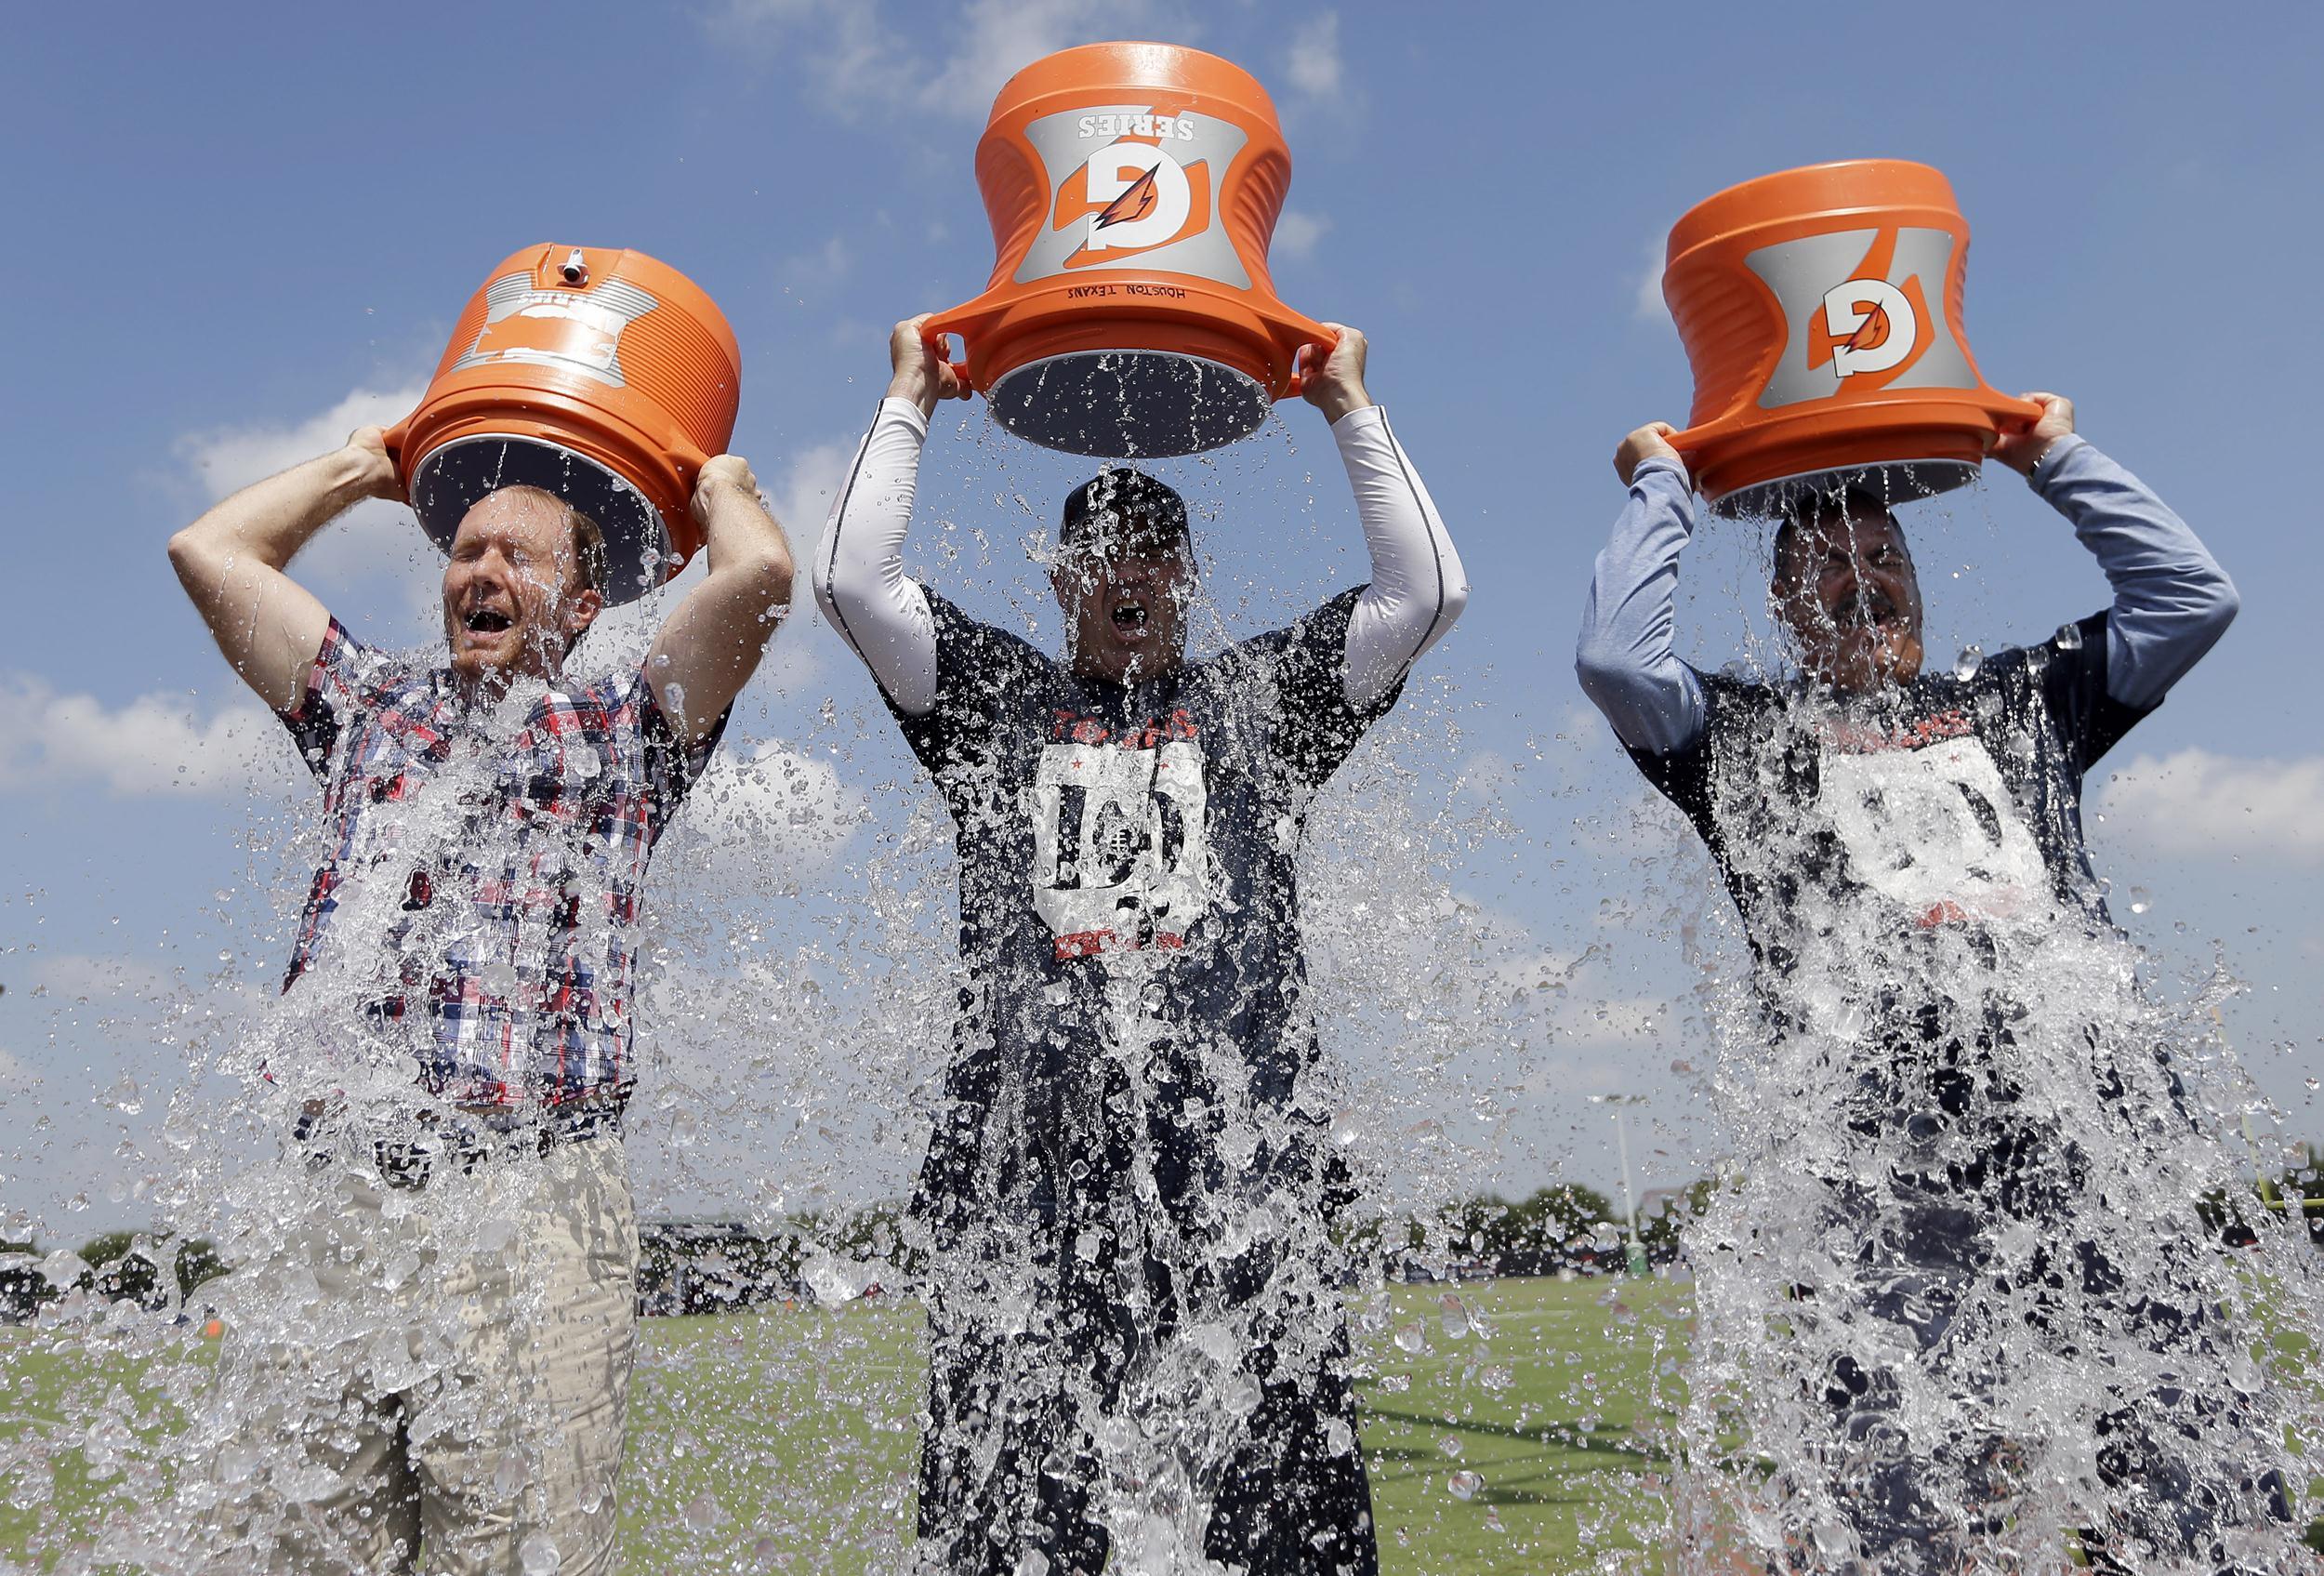 le Rösti Challenge est un peu plus significatif que l'Ice Bucket Challenge...